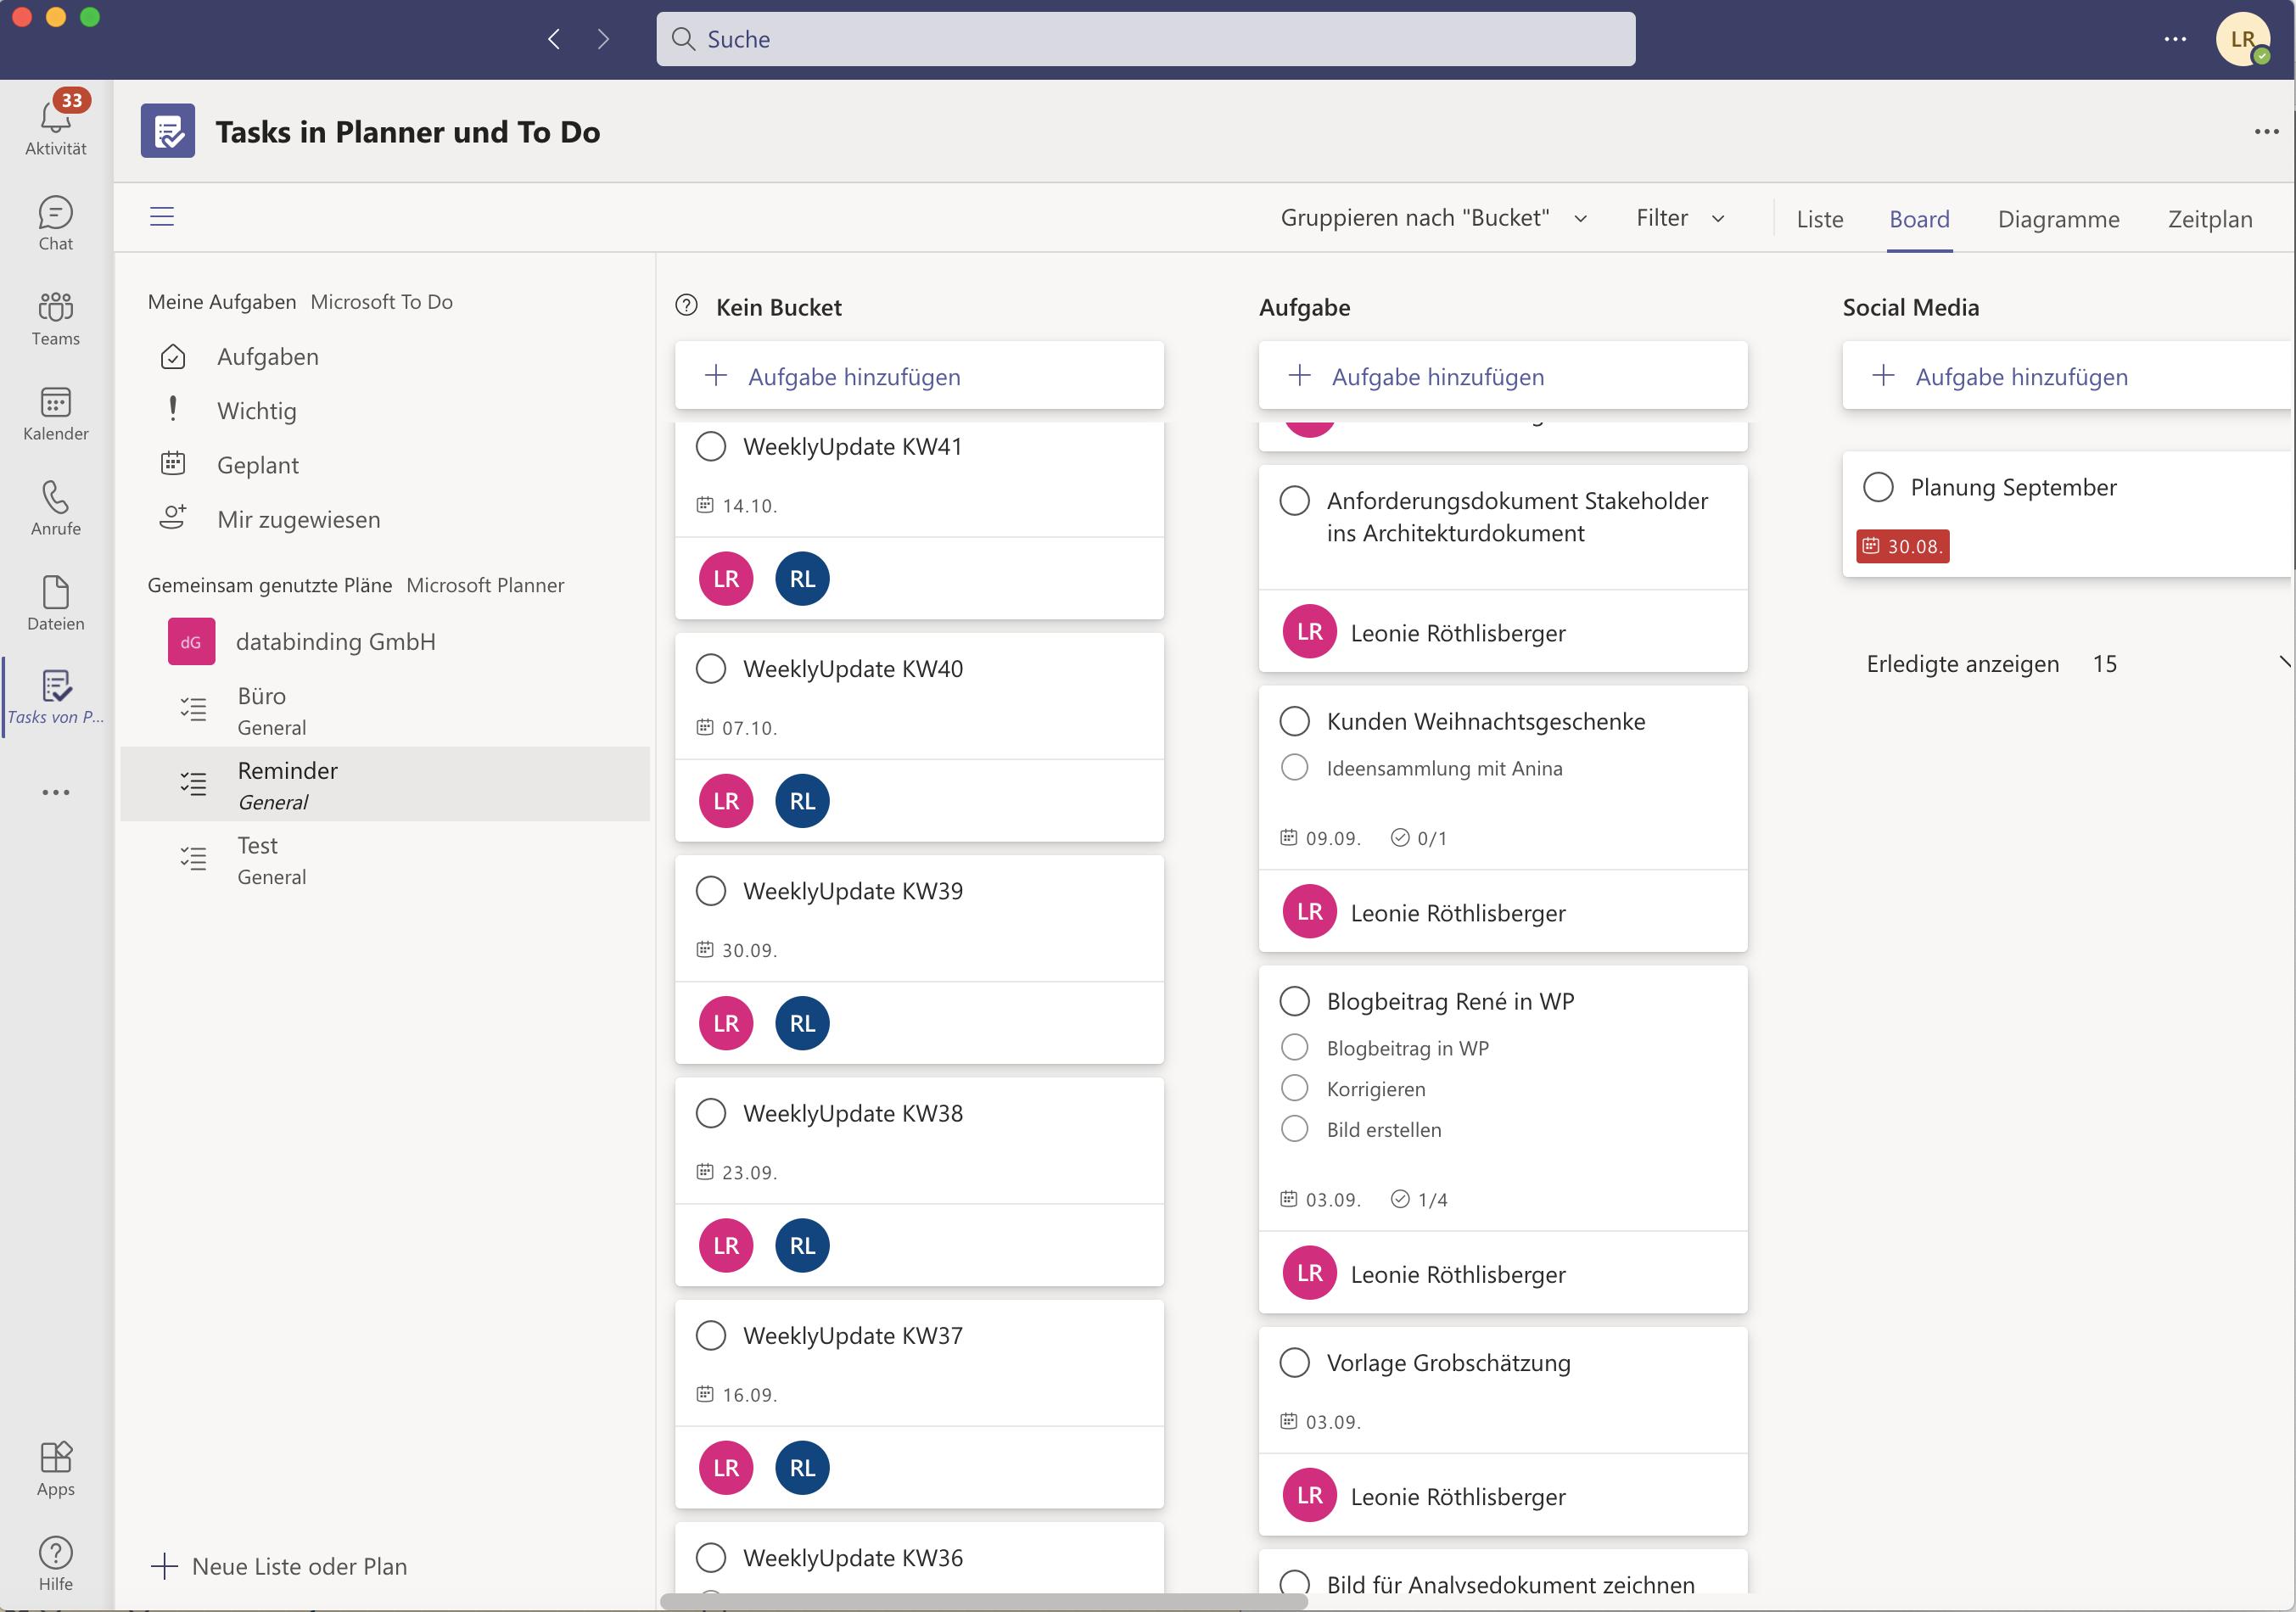 Die Abbildung zeigt wie die Boardansicht im MS-Teams Tasks von Planner & To Do aussieht in einem gemeinsamen Plan.